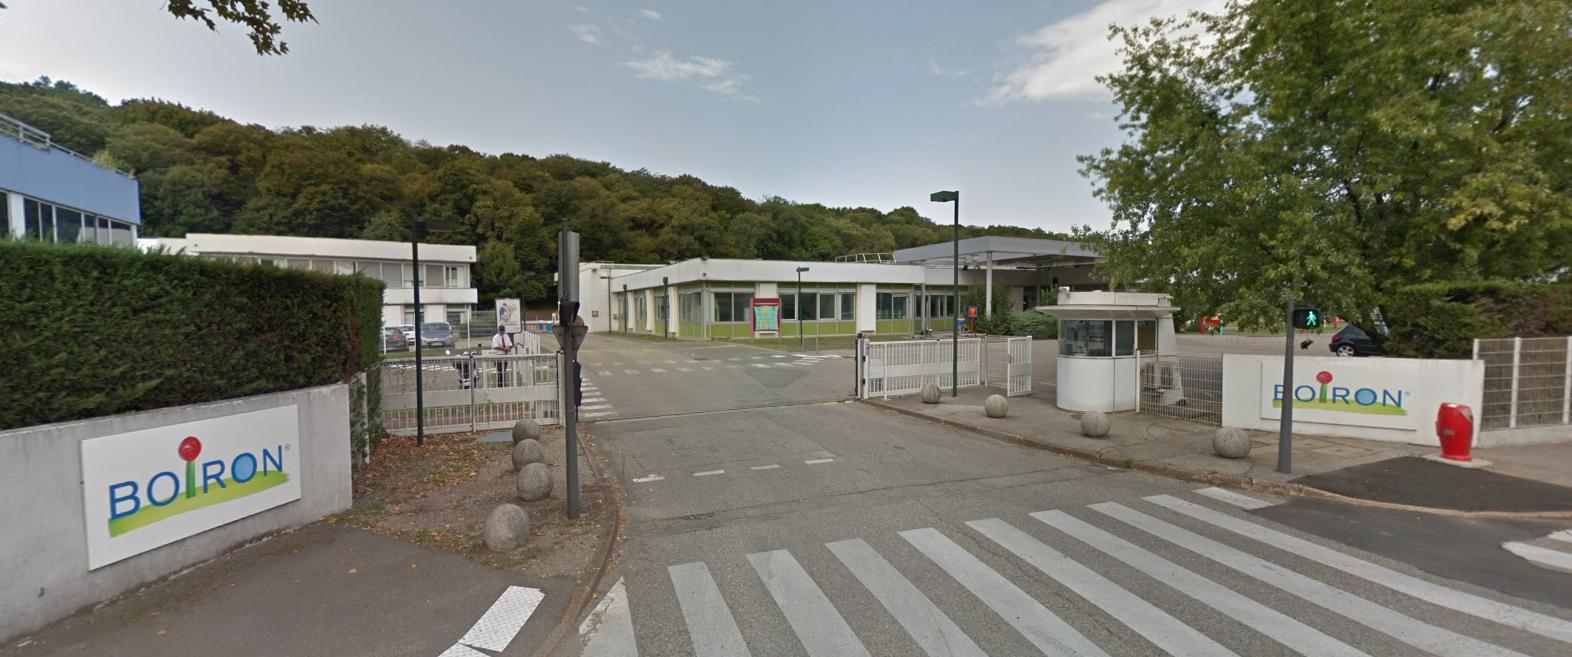 L\'entrée du site de Boiron à Sainte-Foy-lès-Lyon (Rhône), où est hébergé le Centre de formation en homéopathie, en août 2017.